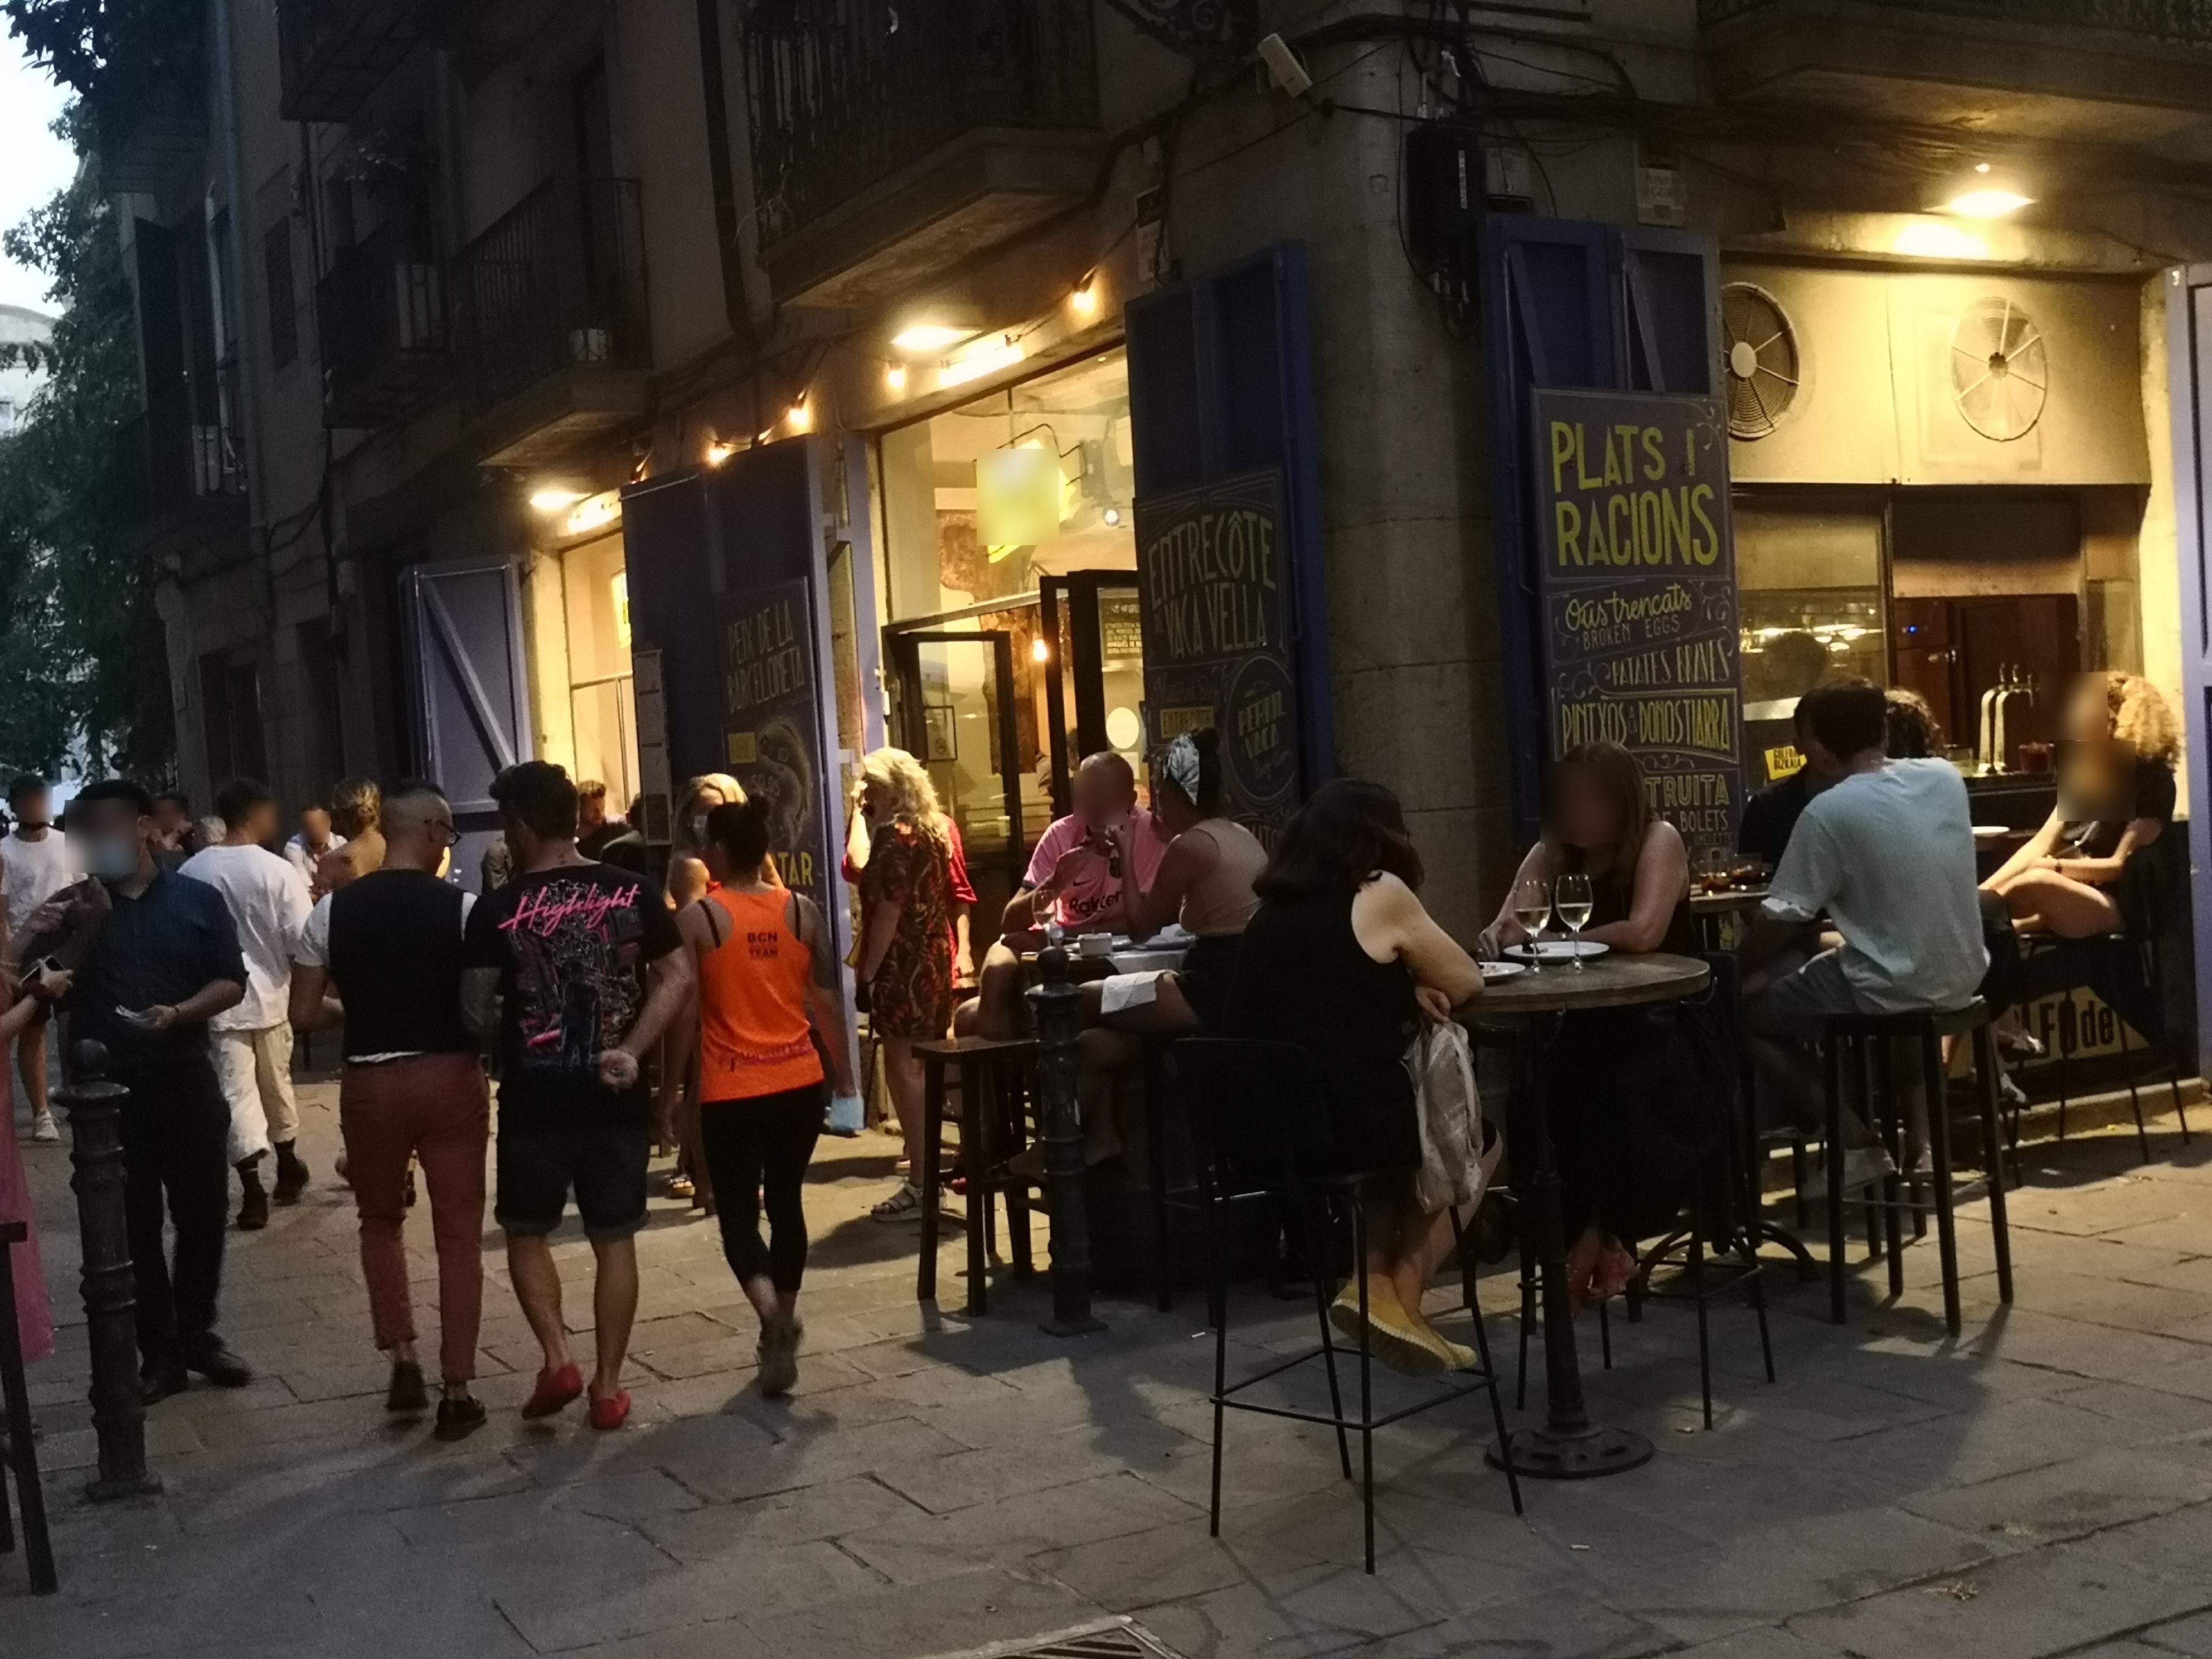 Vidrieria, 12 - okupem tot el carrer, a banda i banda!!